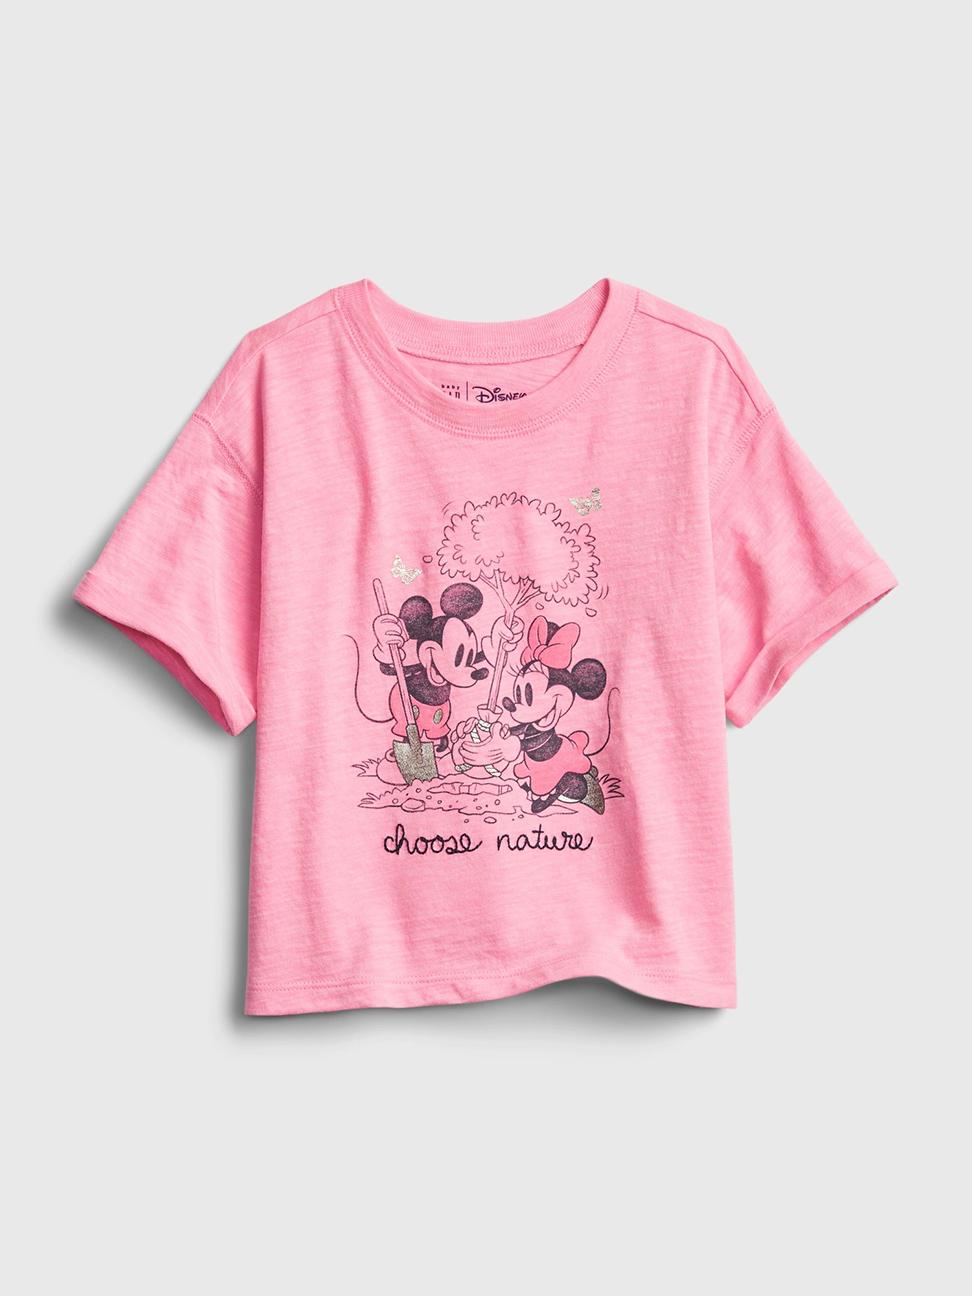 幼童 Gap x Disney 迪士尼系列短袖T恤